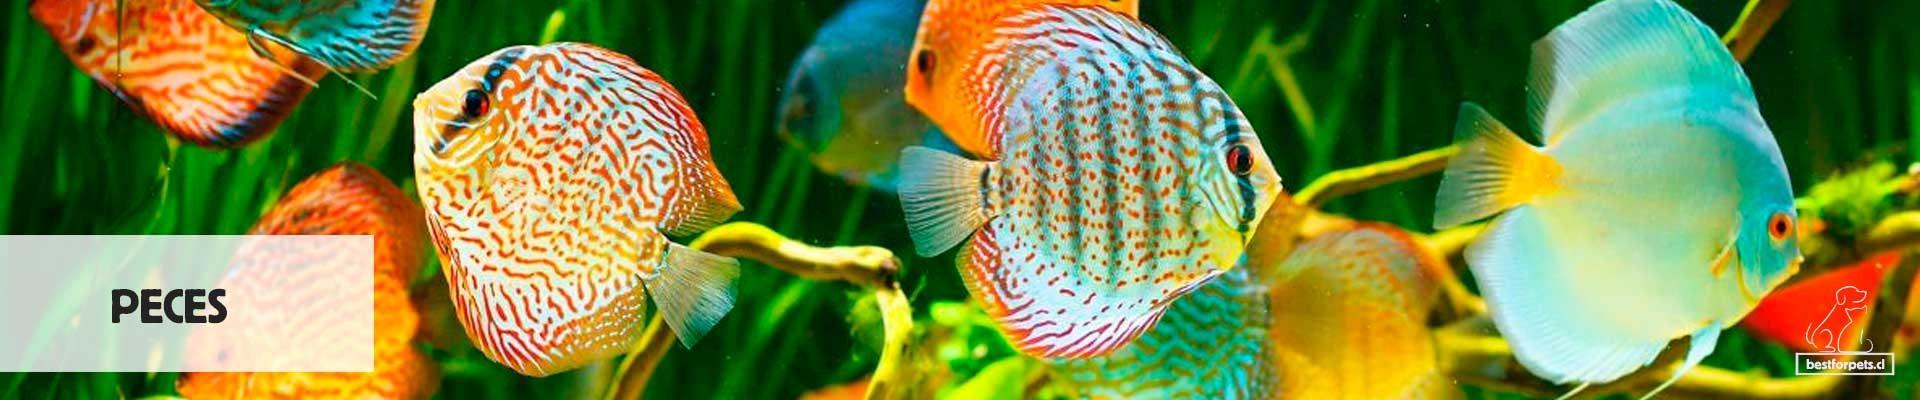 Alimentos y accesorios para peces